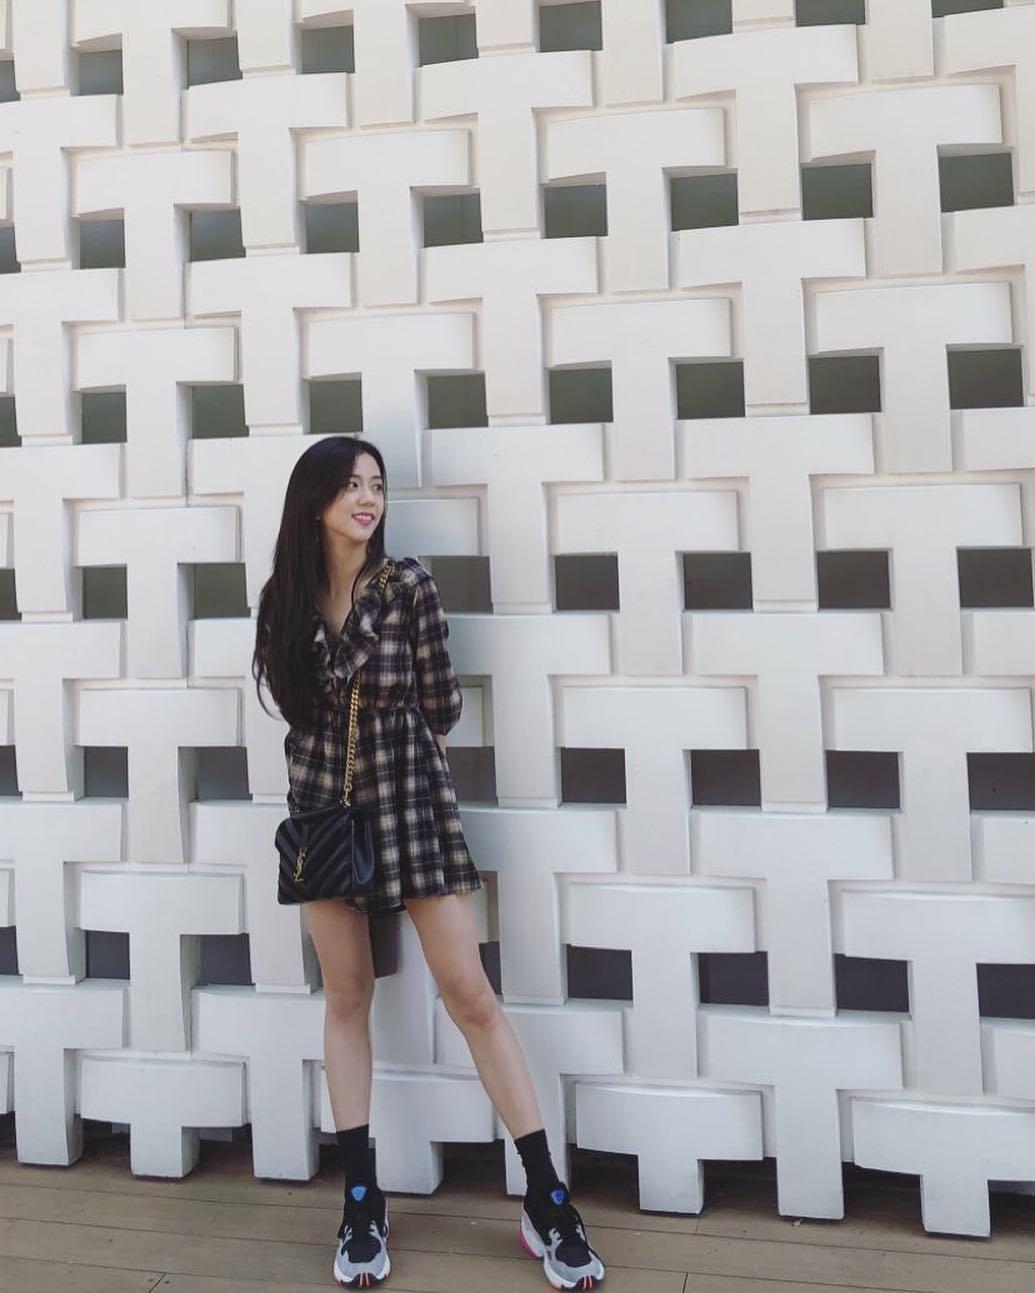 23歲代表-BLACKPINK(Jisoo): 23歲開始更了解自己的個性,勢必要加入一些自己的元素,雖然Jisoo整體重點像是身上的格紋短版洋裝,不過下半身則是選擇一雙球鞋,整體看起來也比較沒有那麼淑女風,反而增添了點隨興感。